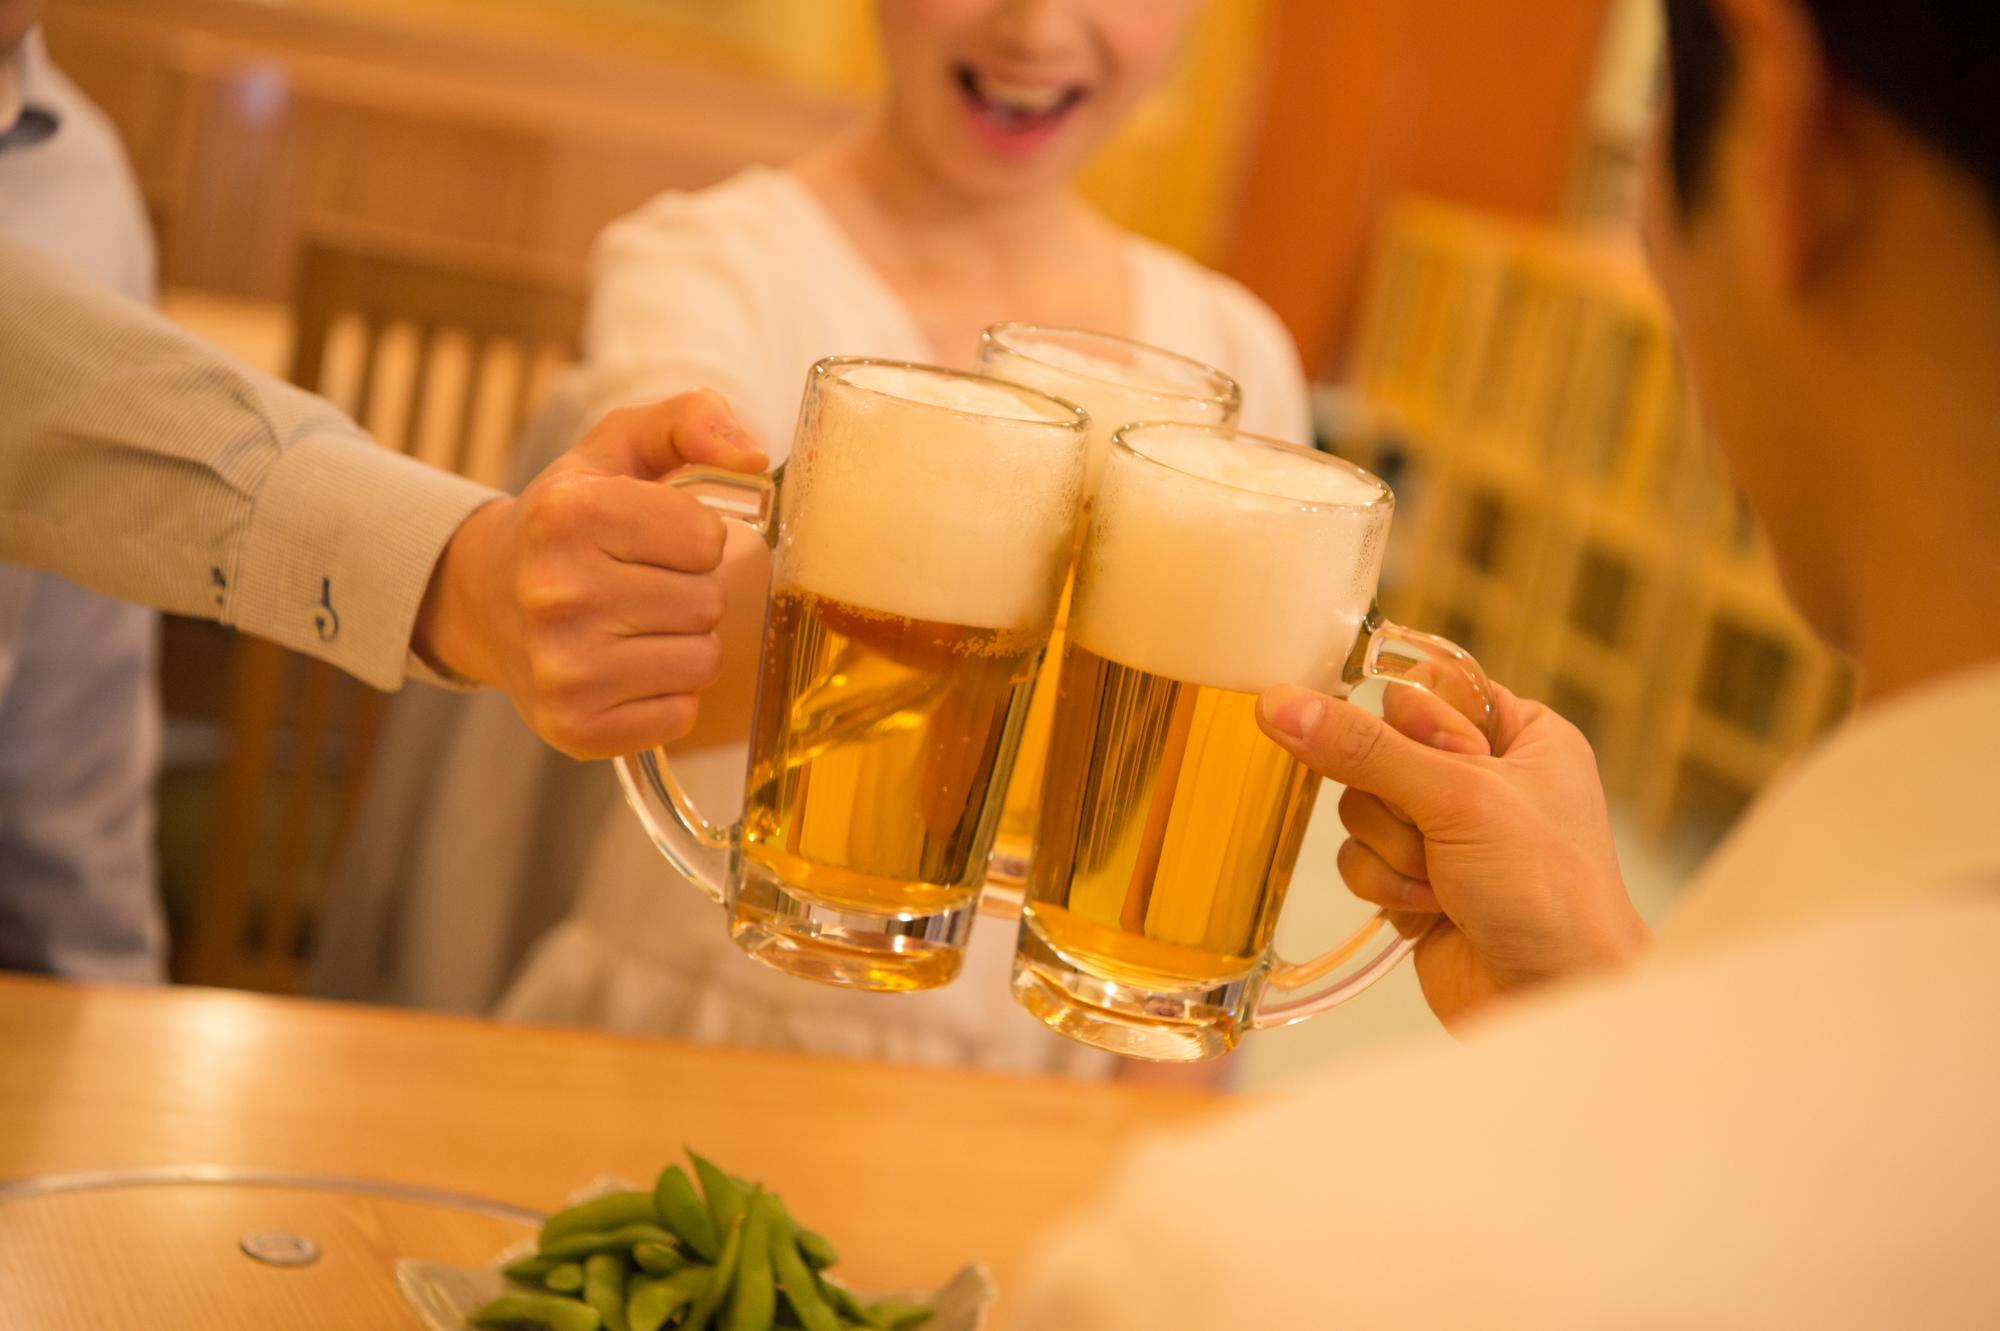 【忘年会・新年会】幹事必見!絶対に盛り上がる宴会のポイント5つ!